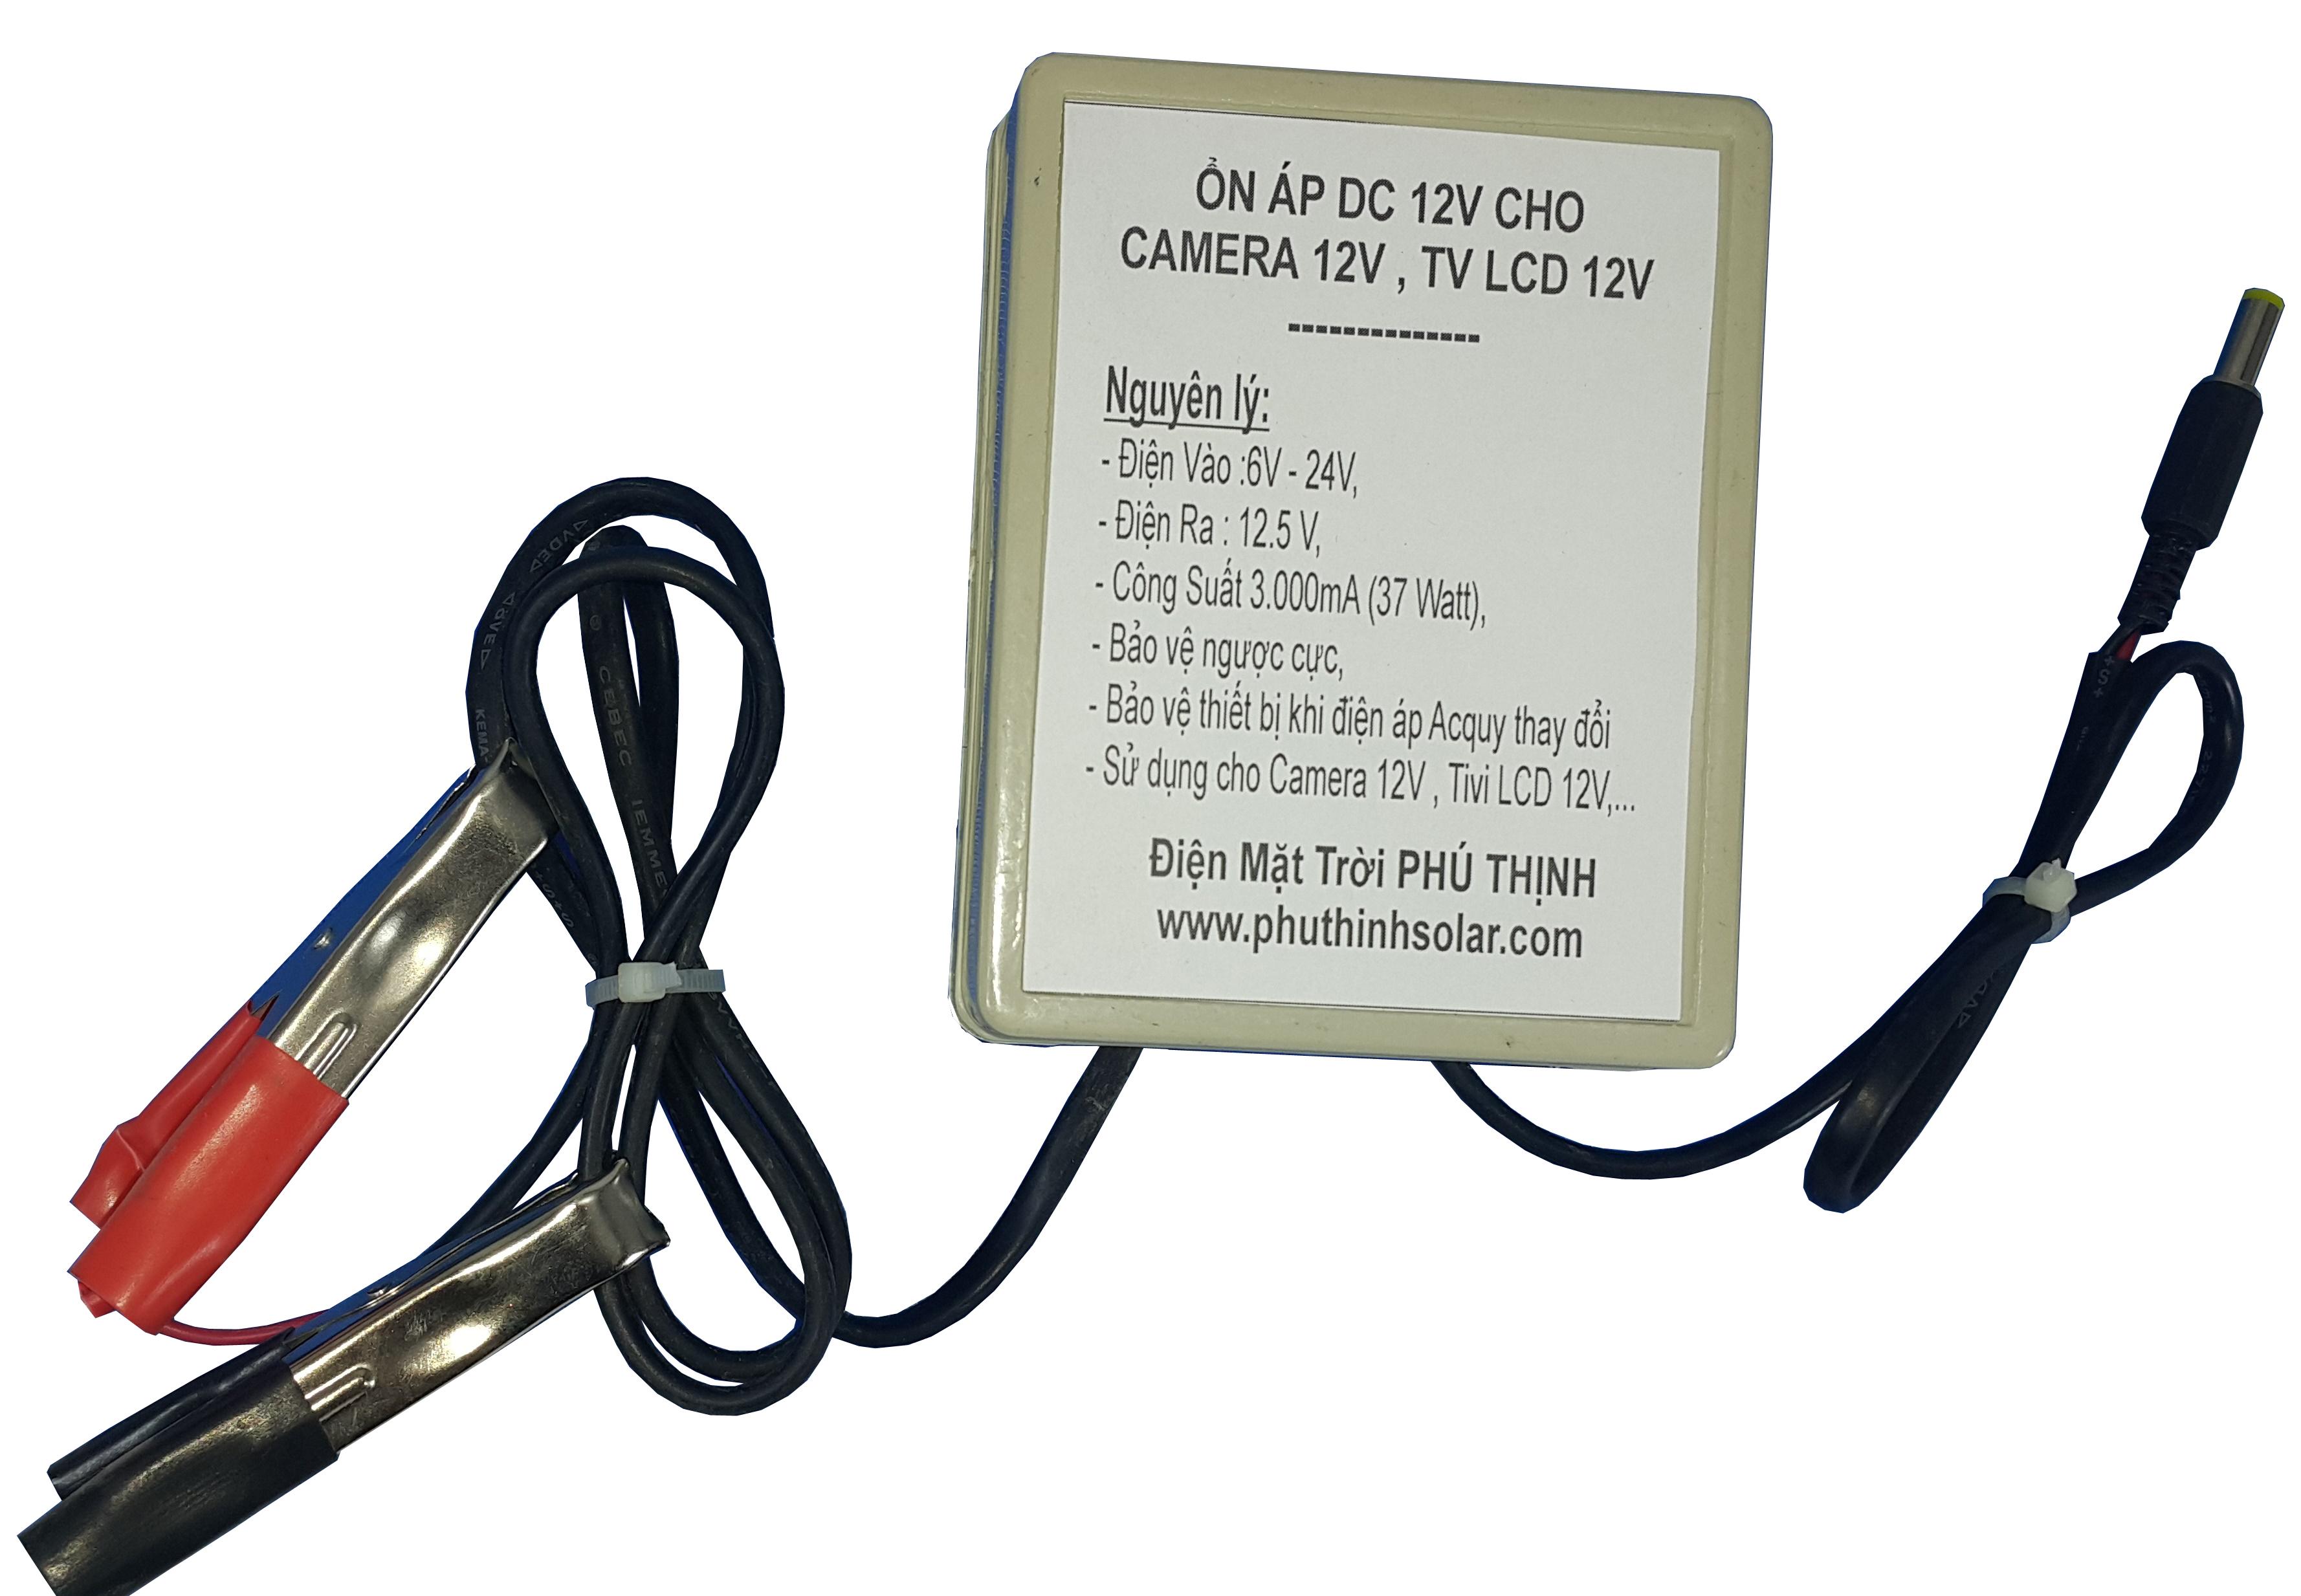 Ổn Áp DC 12V Cho Camera 12V và TV LCD 12V